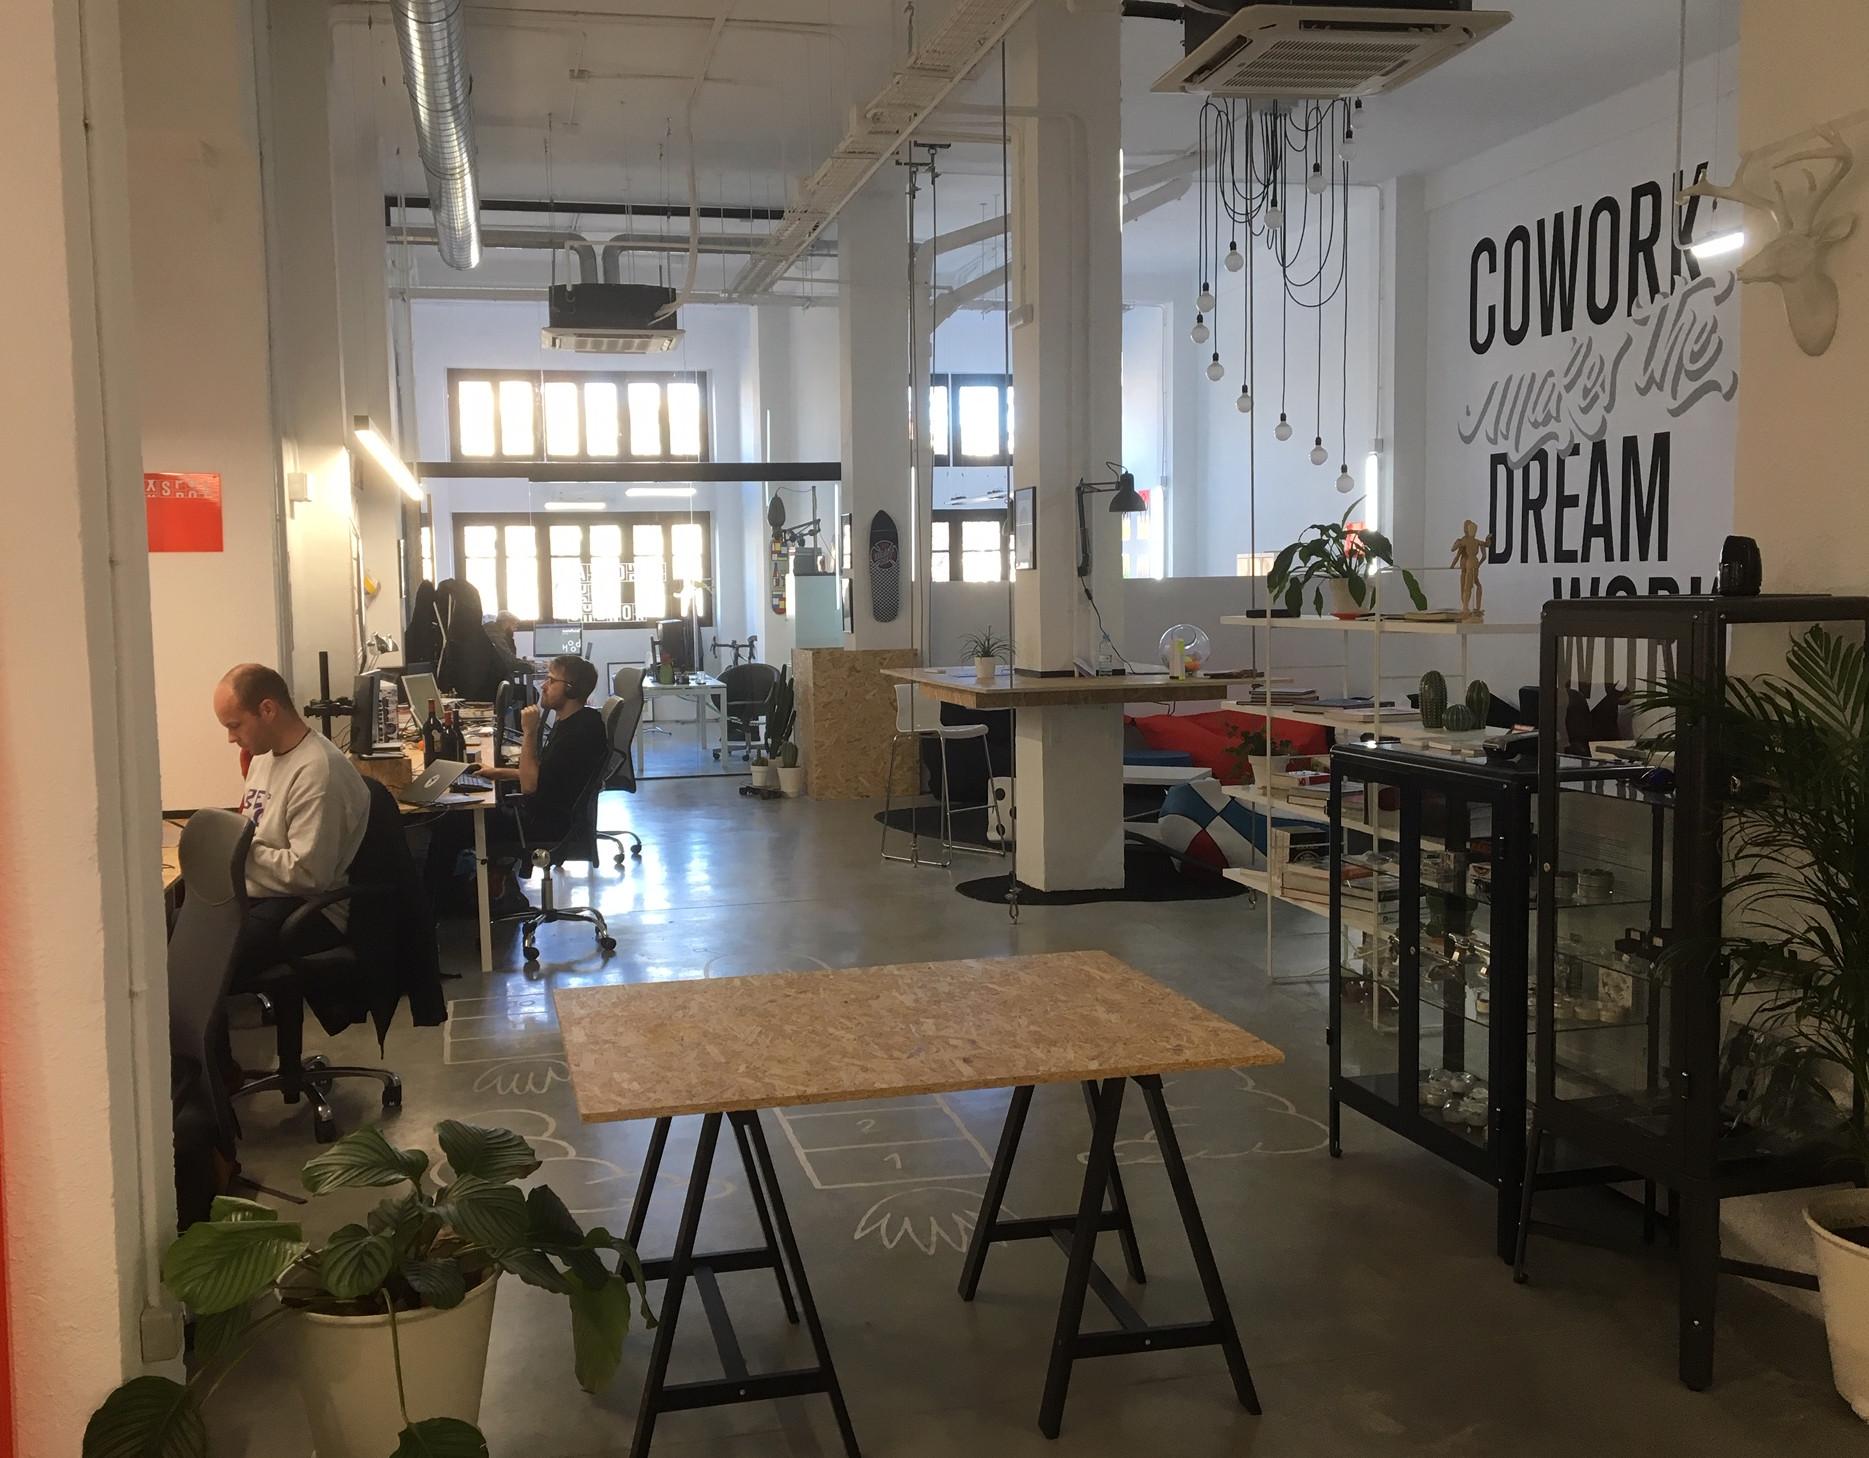 Vista de Recreo Coworking, espacio ubicado en Miguel Servet, 11